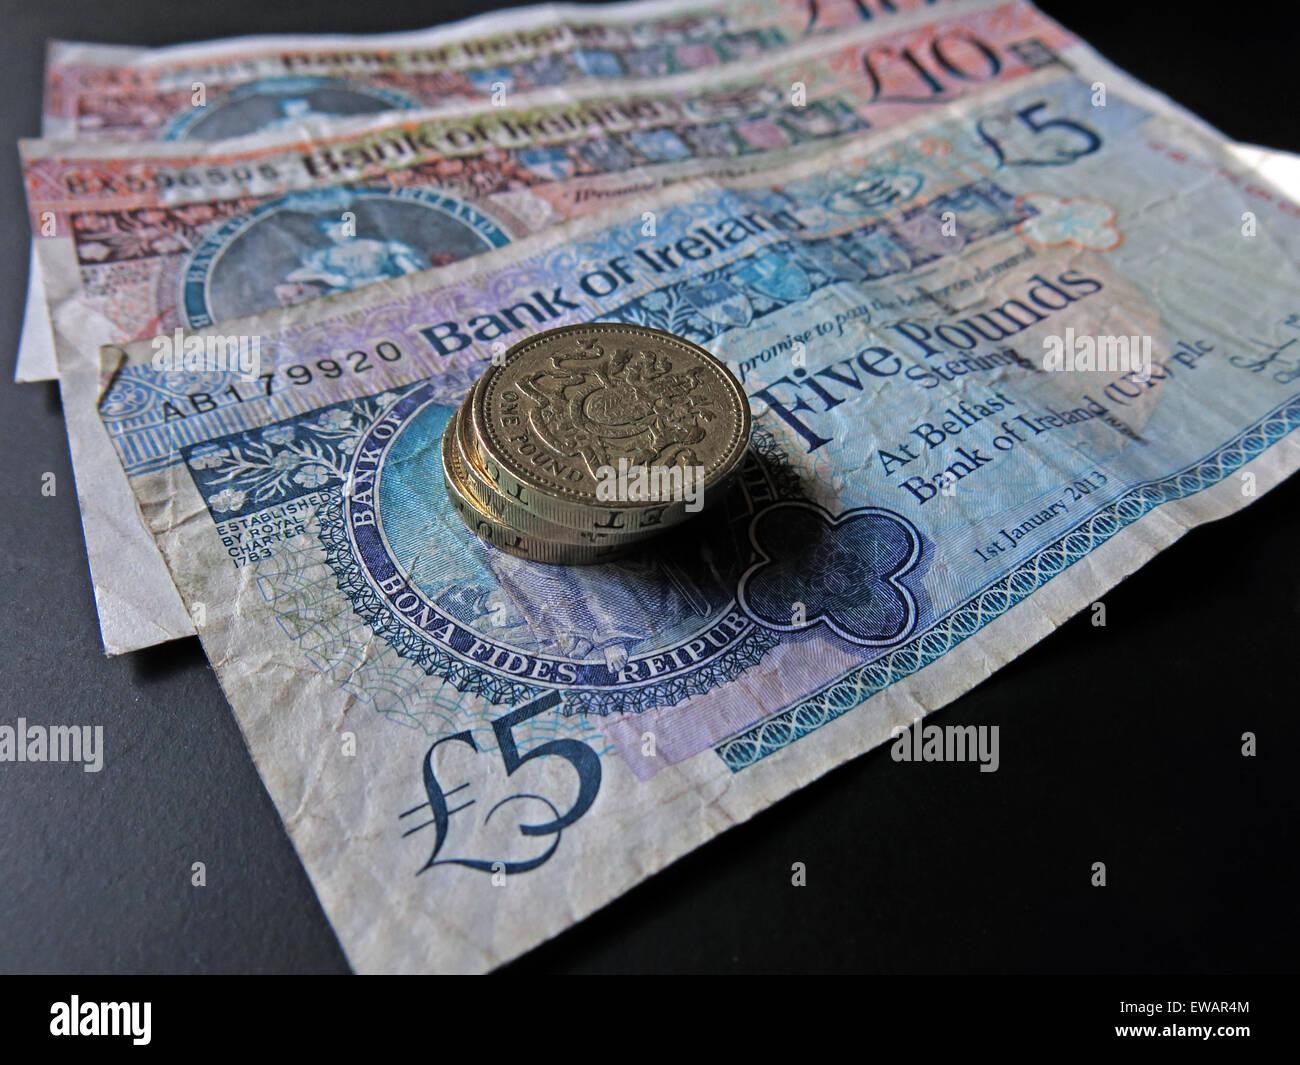 Laden Sie dieses Alamy Stockfoto Nördlichen irischen £5, £10 Notizen und Pfund-Münzen als gesetzliches Zahlungsmittel von der Bank Of Ireland Belfast - EWAR4M